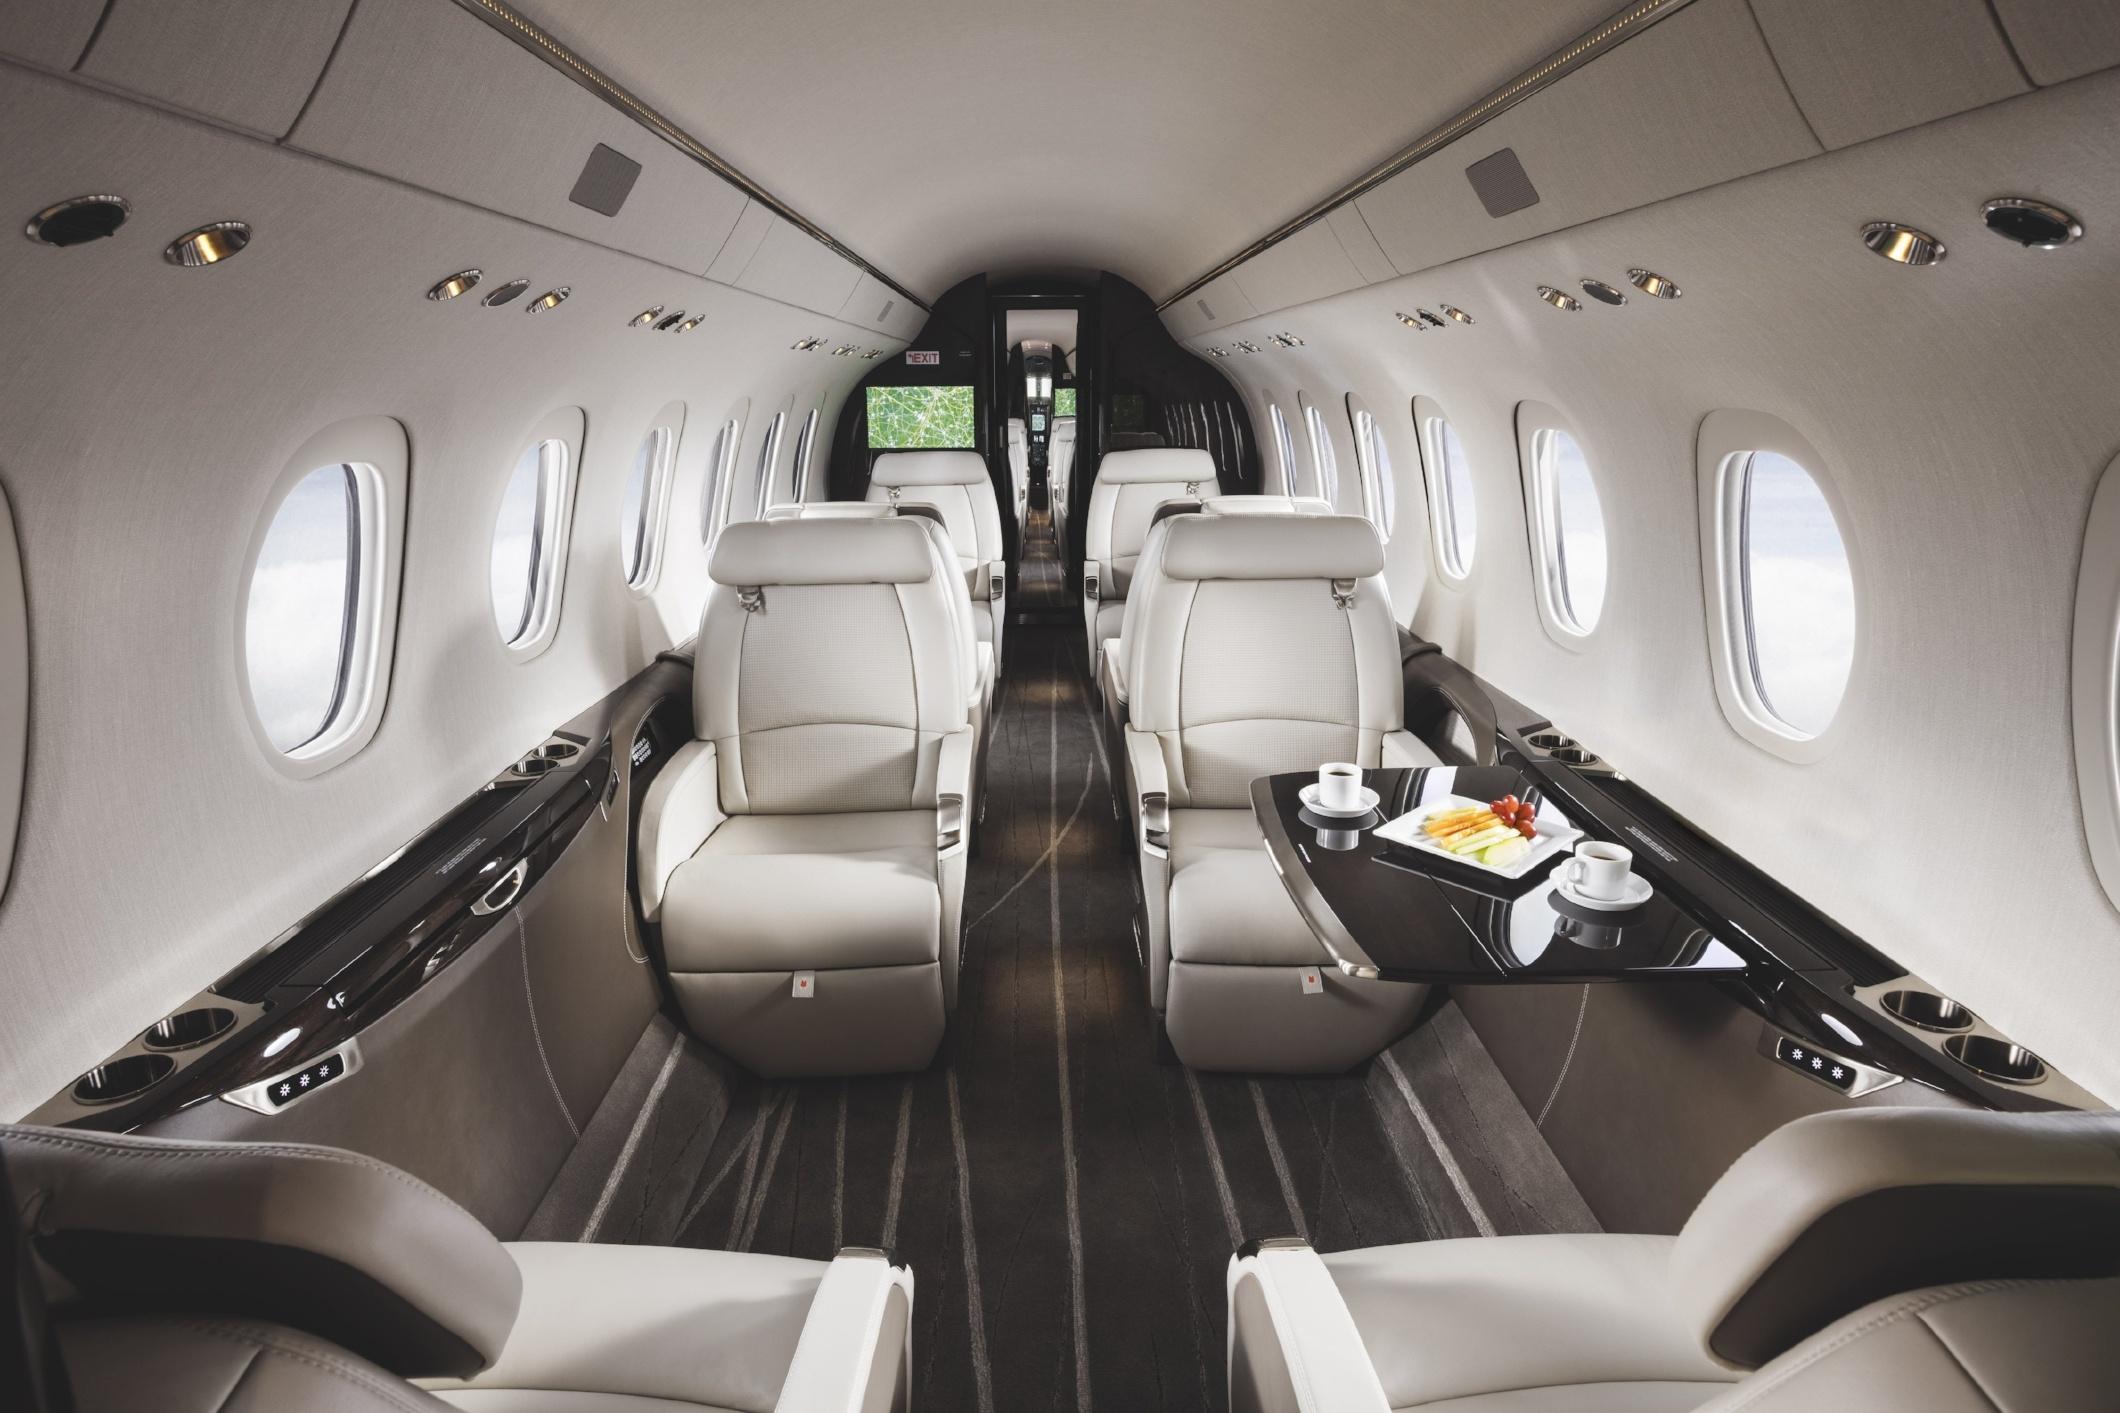 cessna-citation-autair-jet-charter-094175-edited